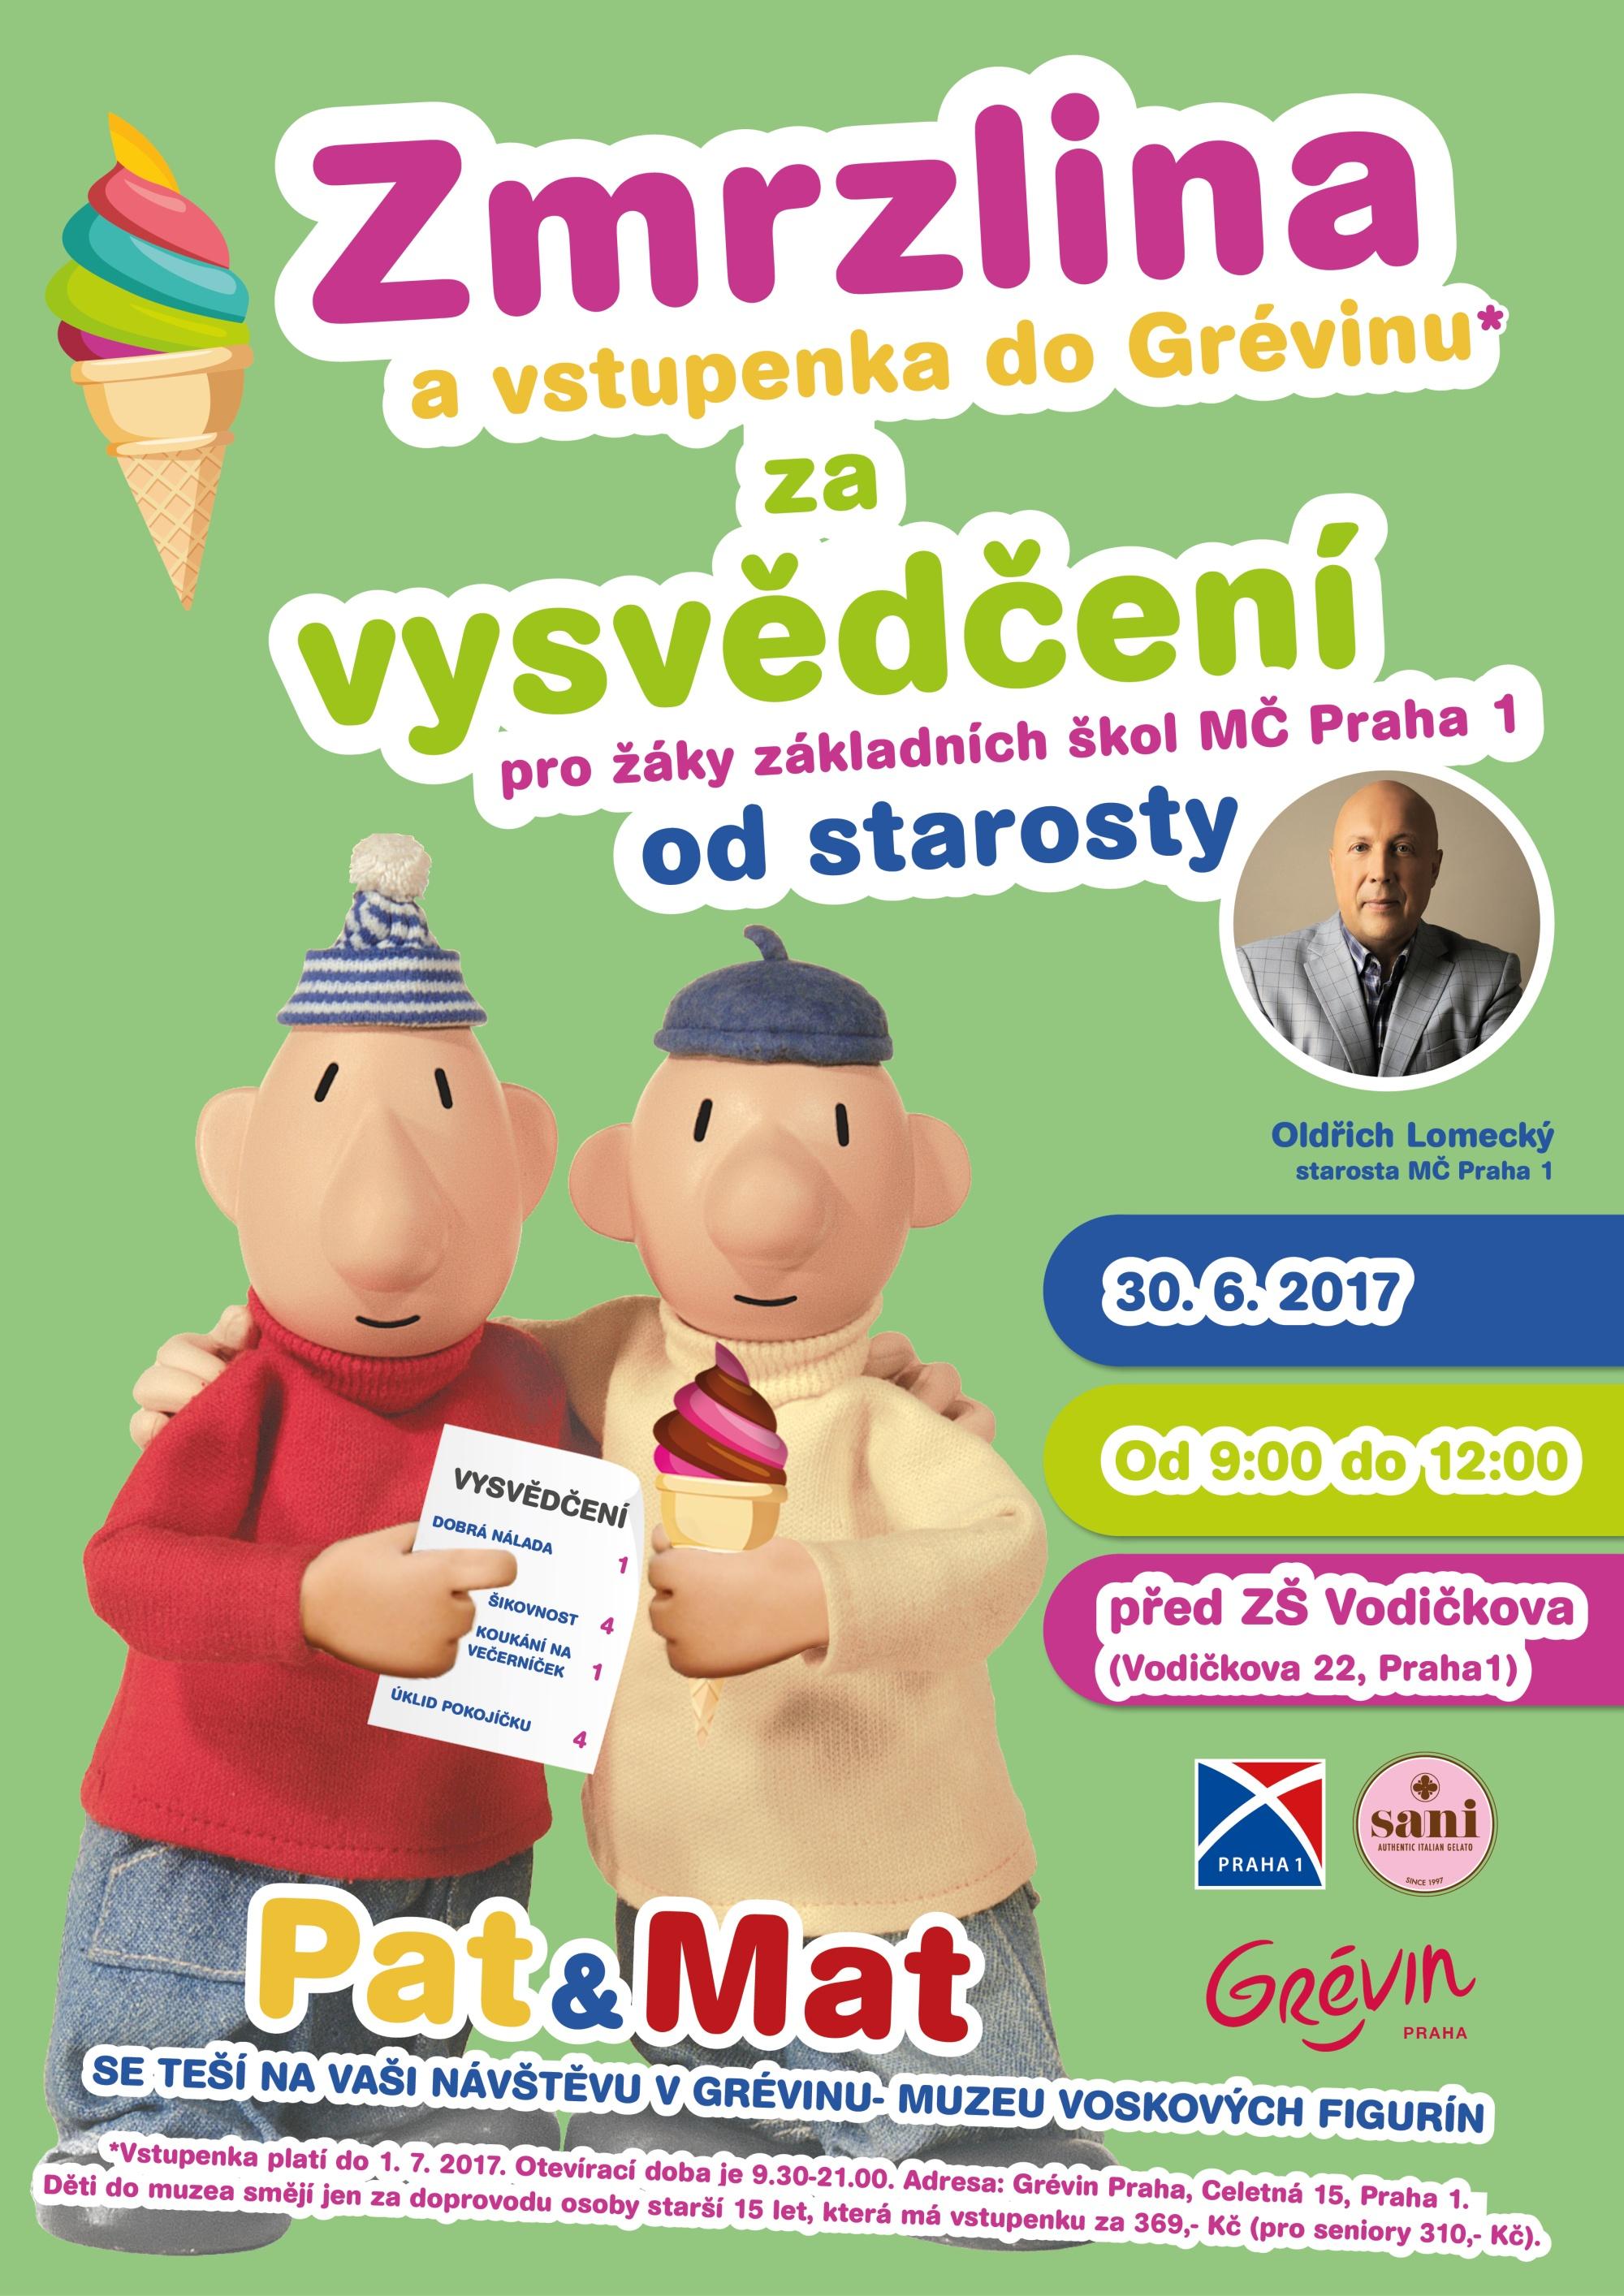 Zmrzlina a vstupenka do Grévinu za vysvědčení!